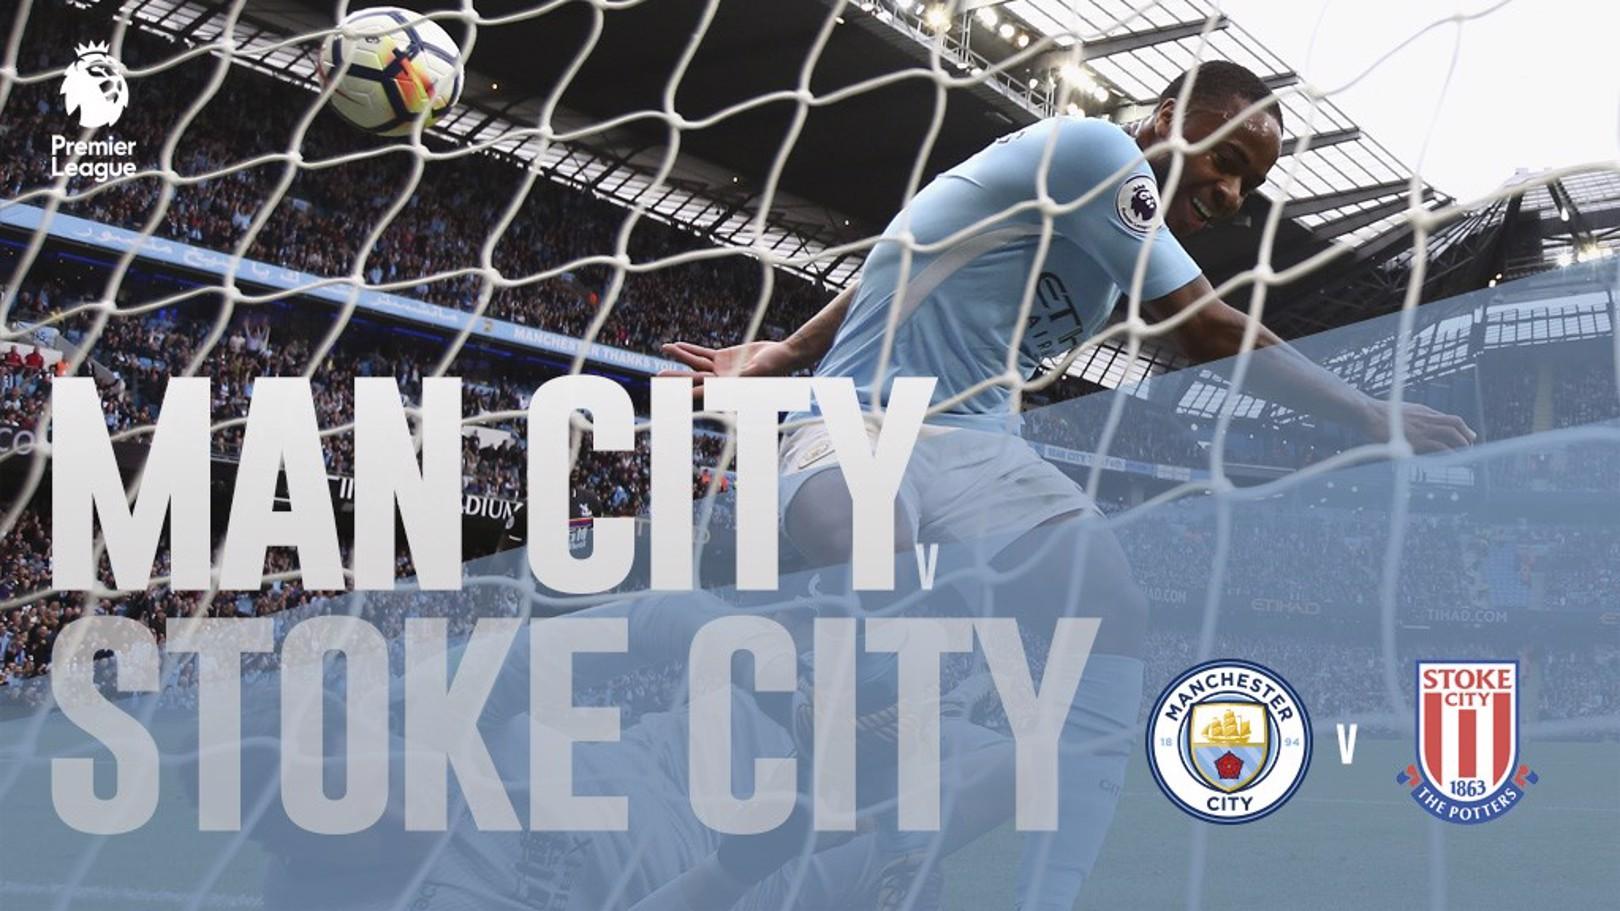 Manchester City - Stoke City.